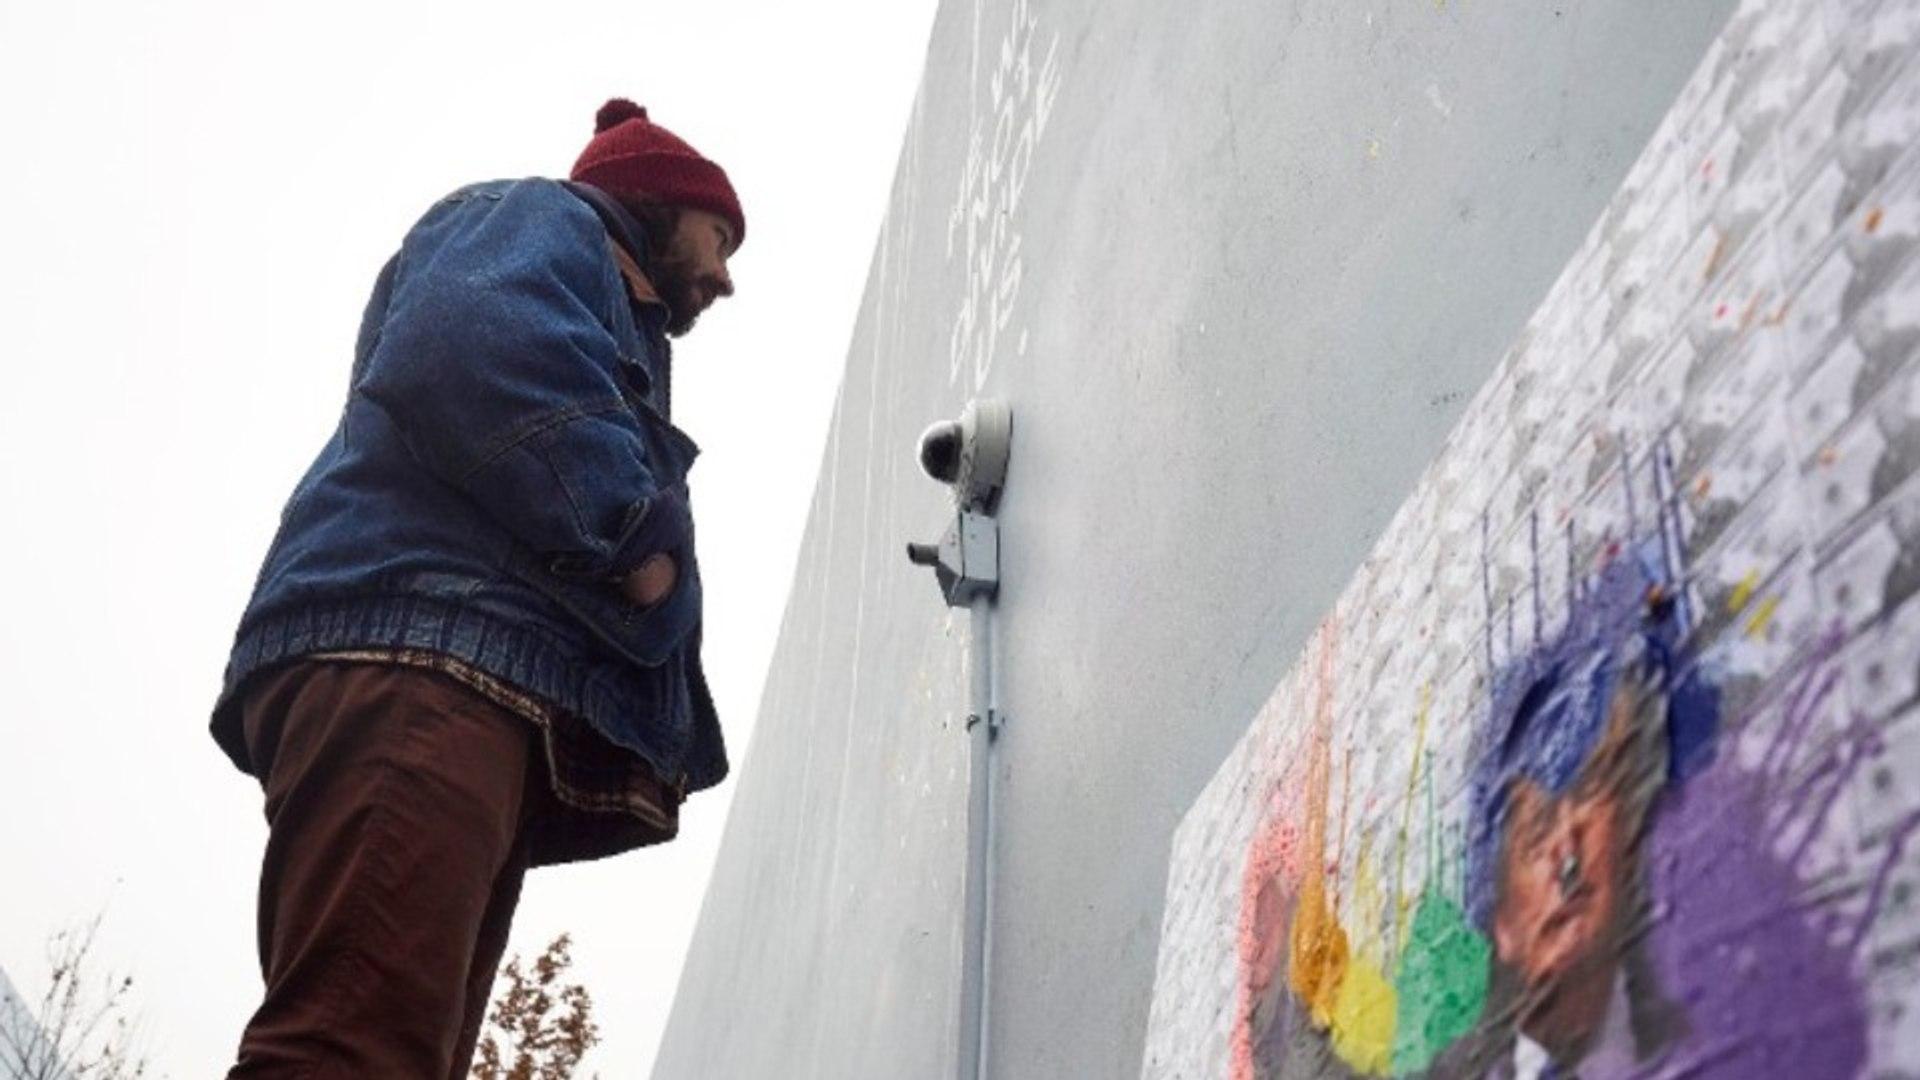 Shia LaBeouf's Anti-Trump Art Installation Closed